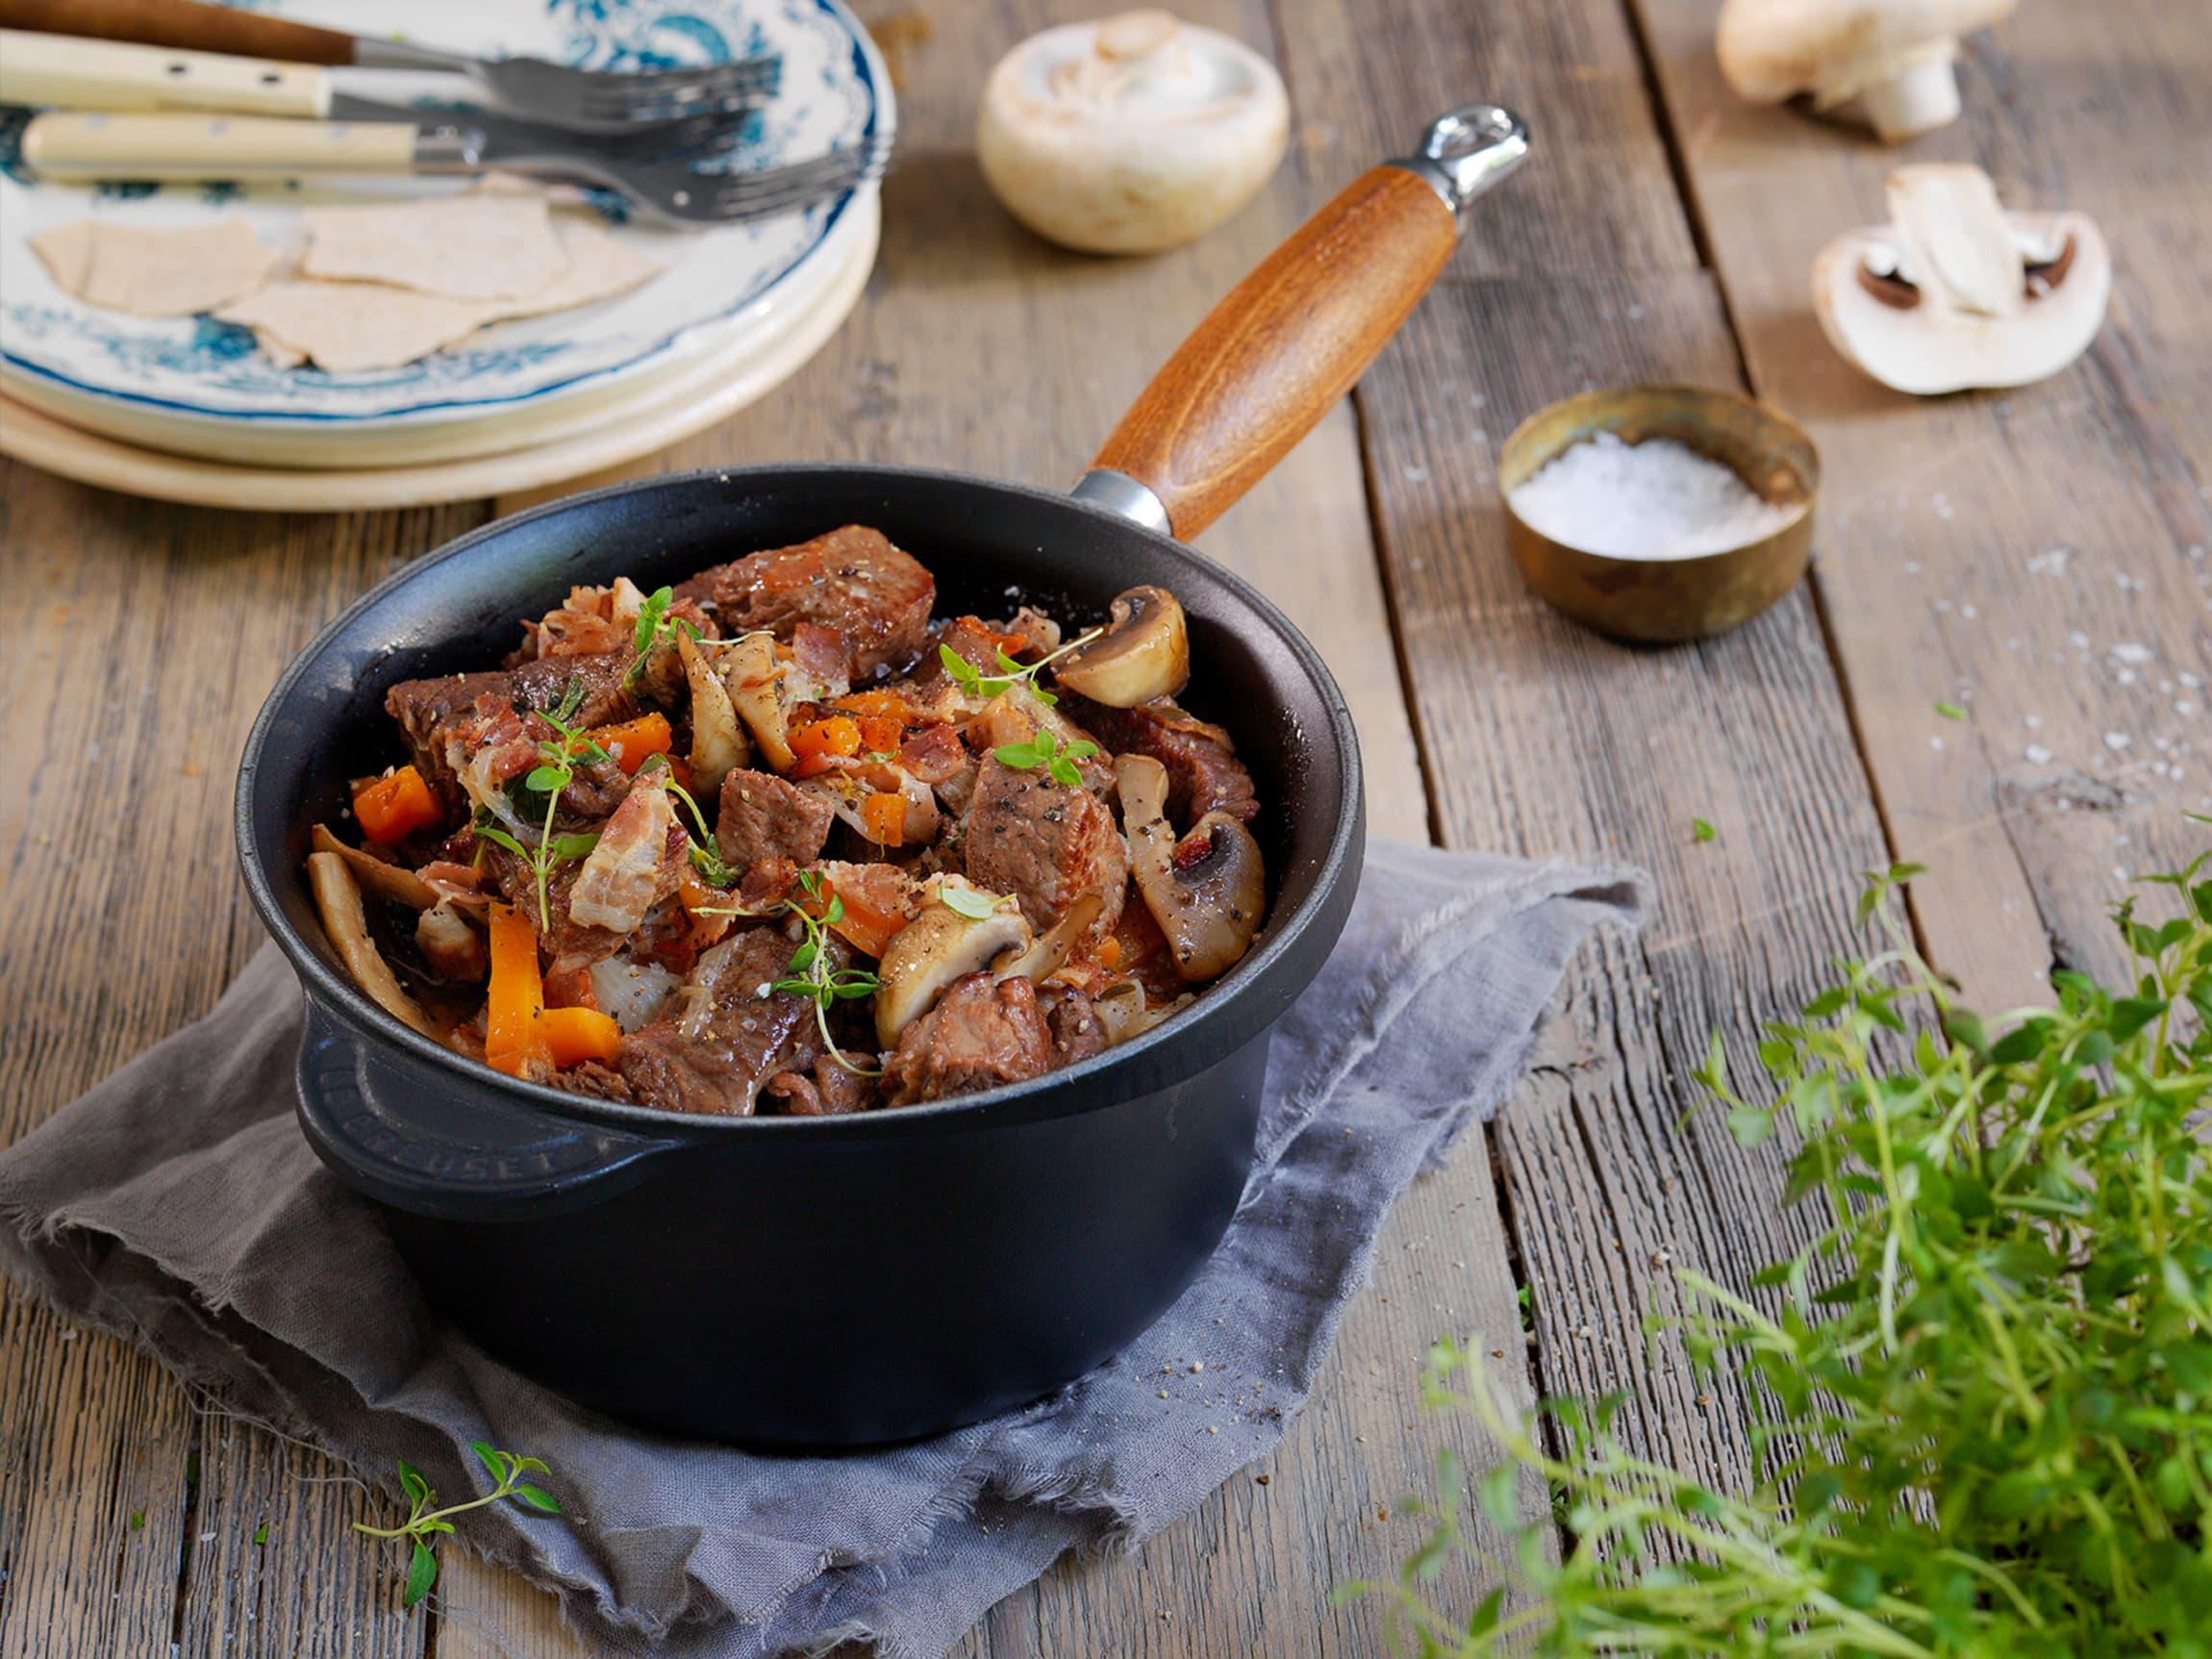 Boeuf Bourguignon er en klassisk og kraftfull kjøttgryte fra Frankrike.